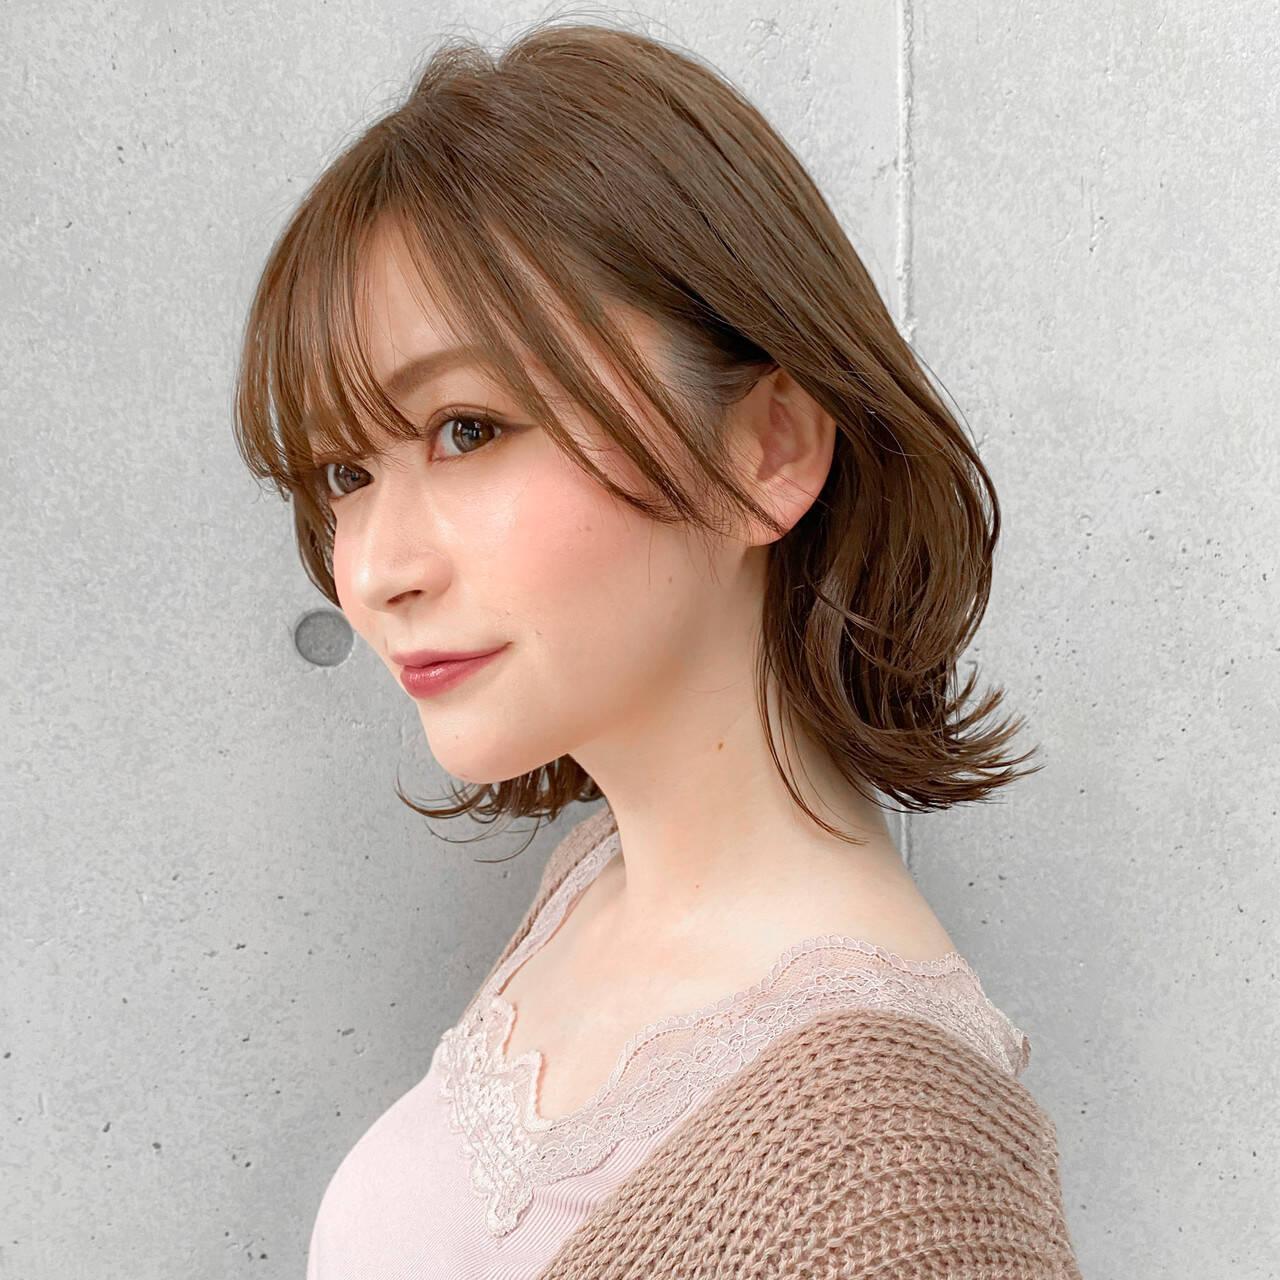 レイヤースタイル セミロング 大人可愛い モテ髪ヘアスタイルや髪型の写真・画像